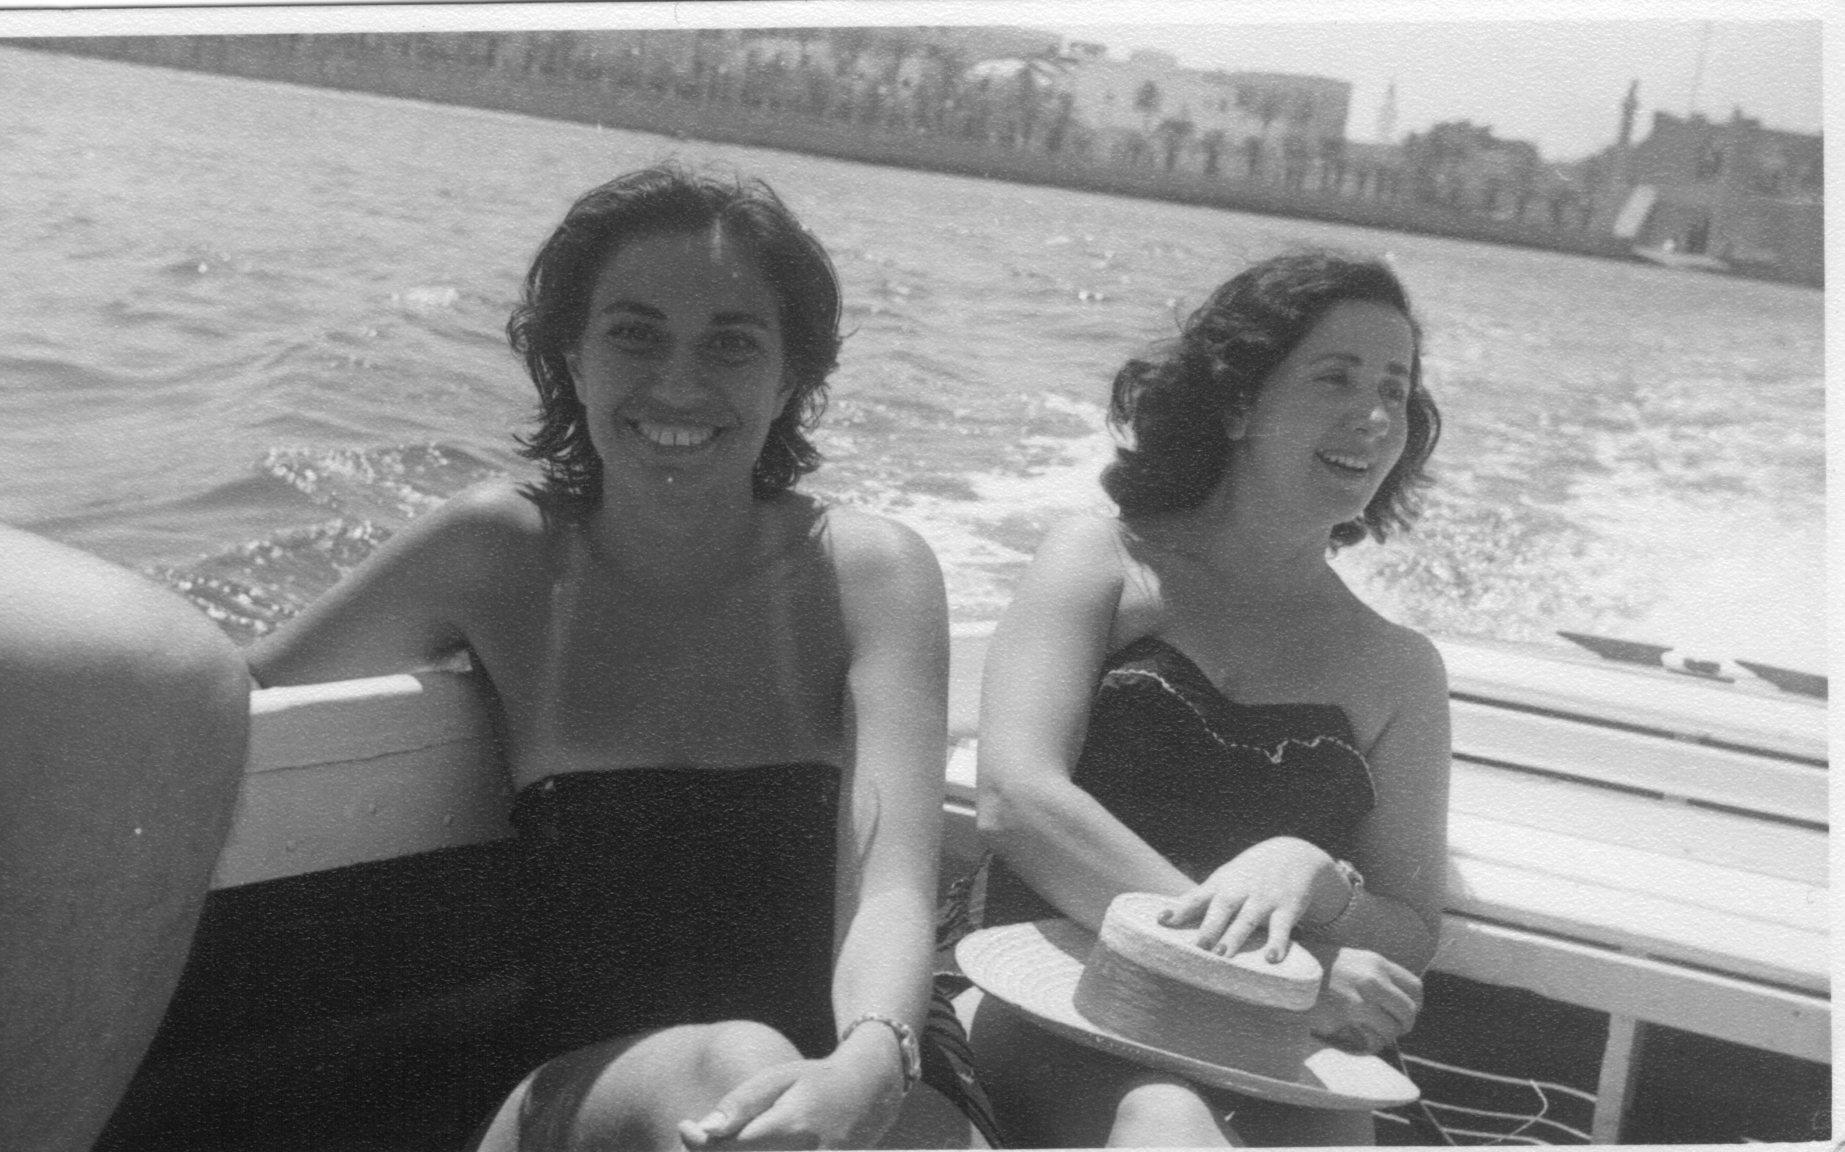 Le donne nella società ebraica tripolina